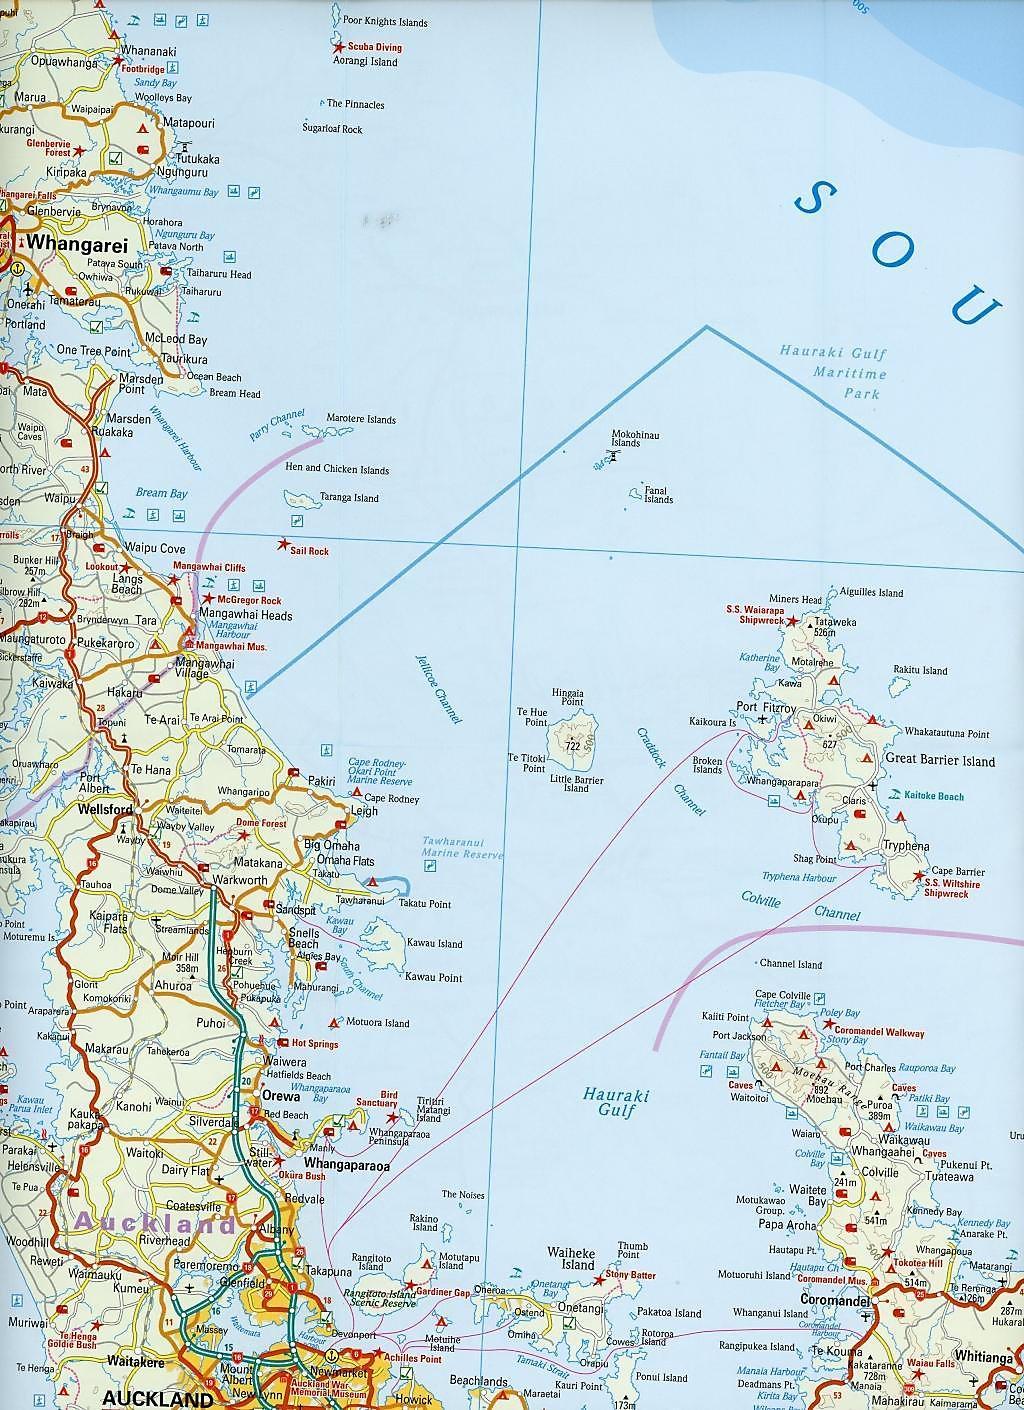 Neuseeland Nordinsel Karte.Reise Know How Landkarte Neuseeland Nordinsel 1 550 000 New Zealand